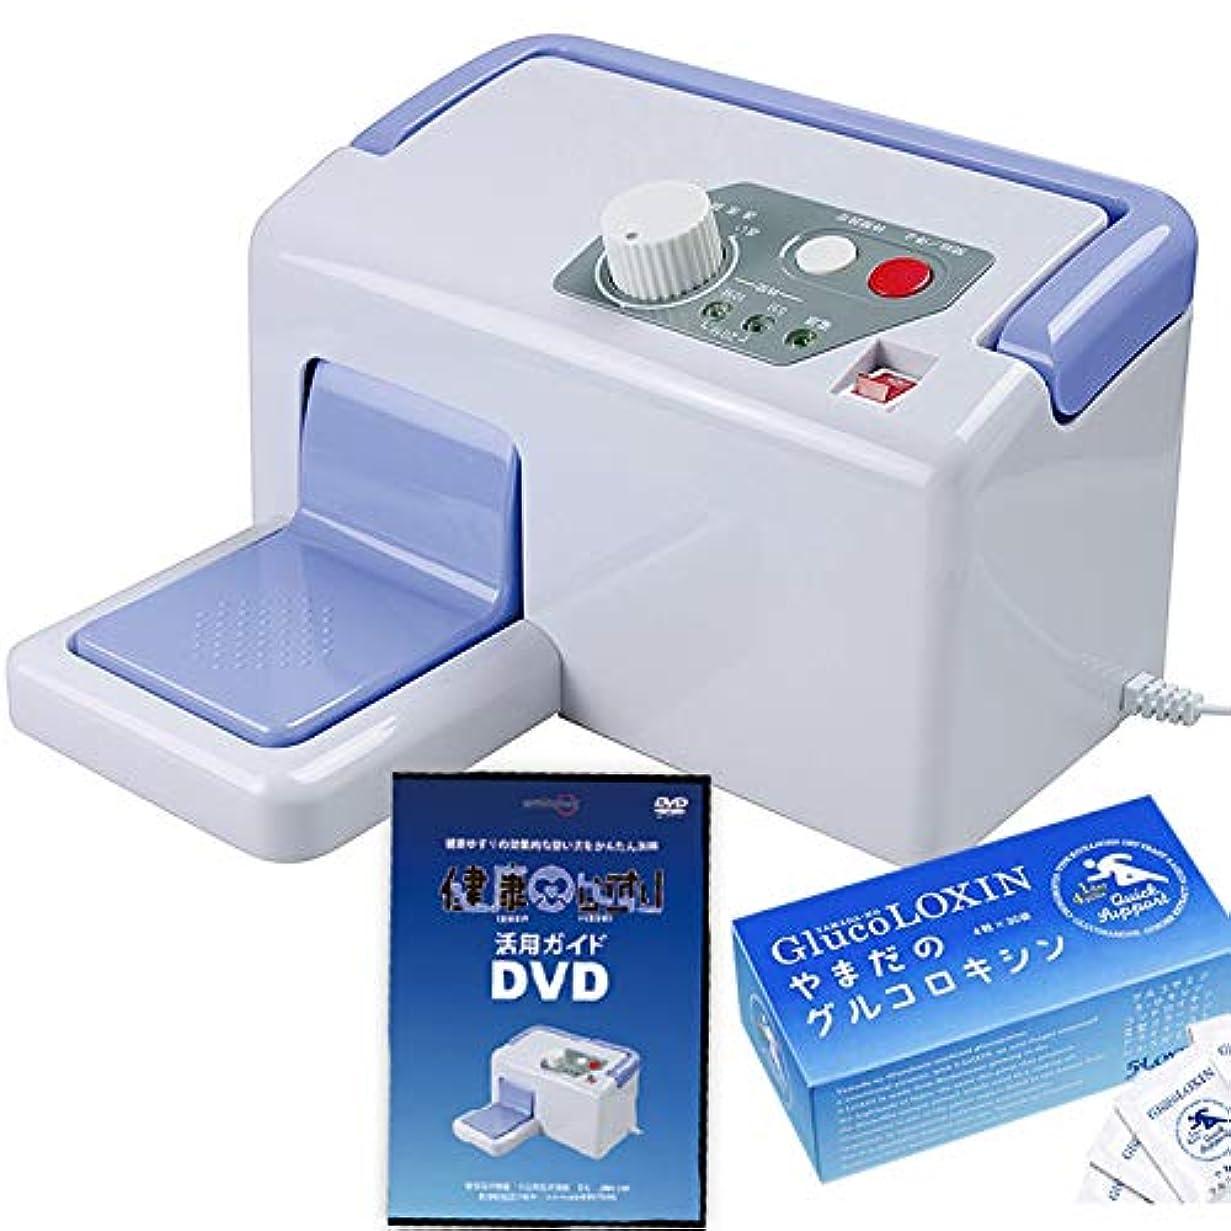 並外れた悲惨ハイランド健康ゆすり JMH-100「活用ガイド」DVD特典付き グルコロキシン30包特典付き 1年間保証書 使用ガイド 5点セット